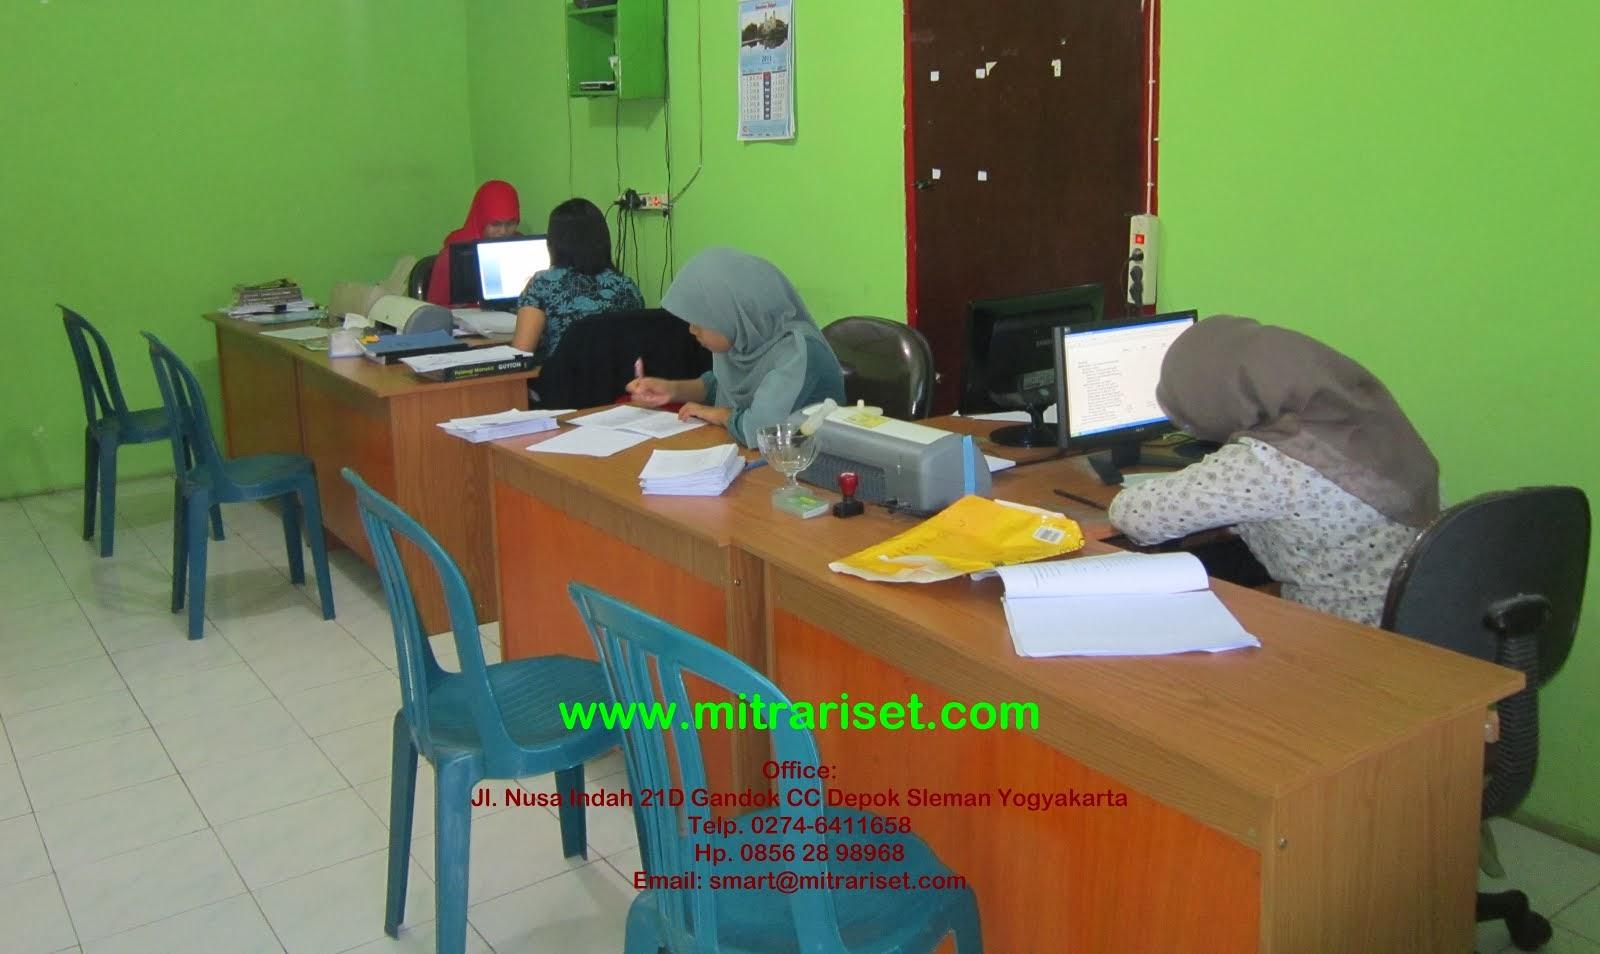 www.mitrariset.com